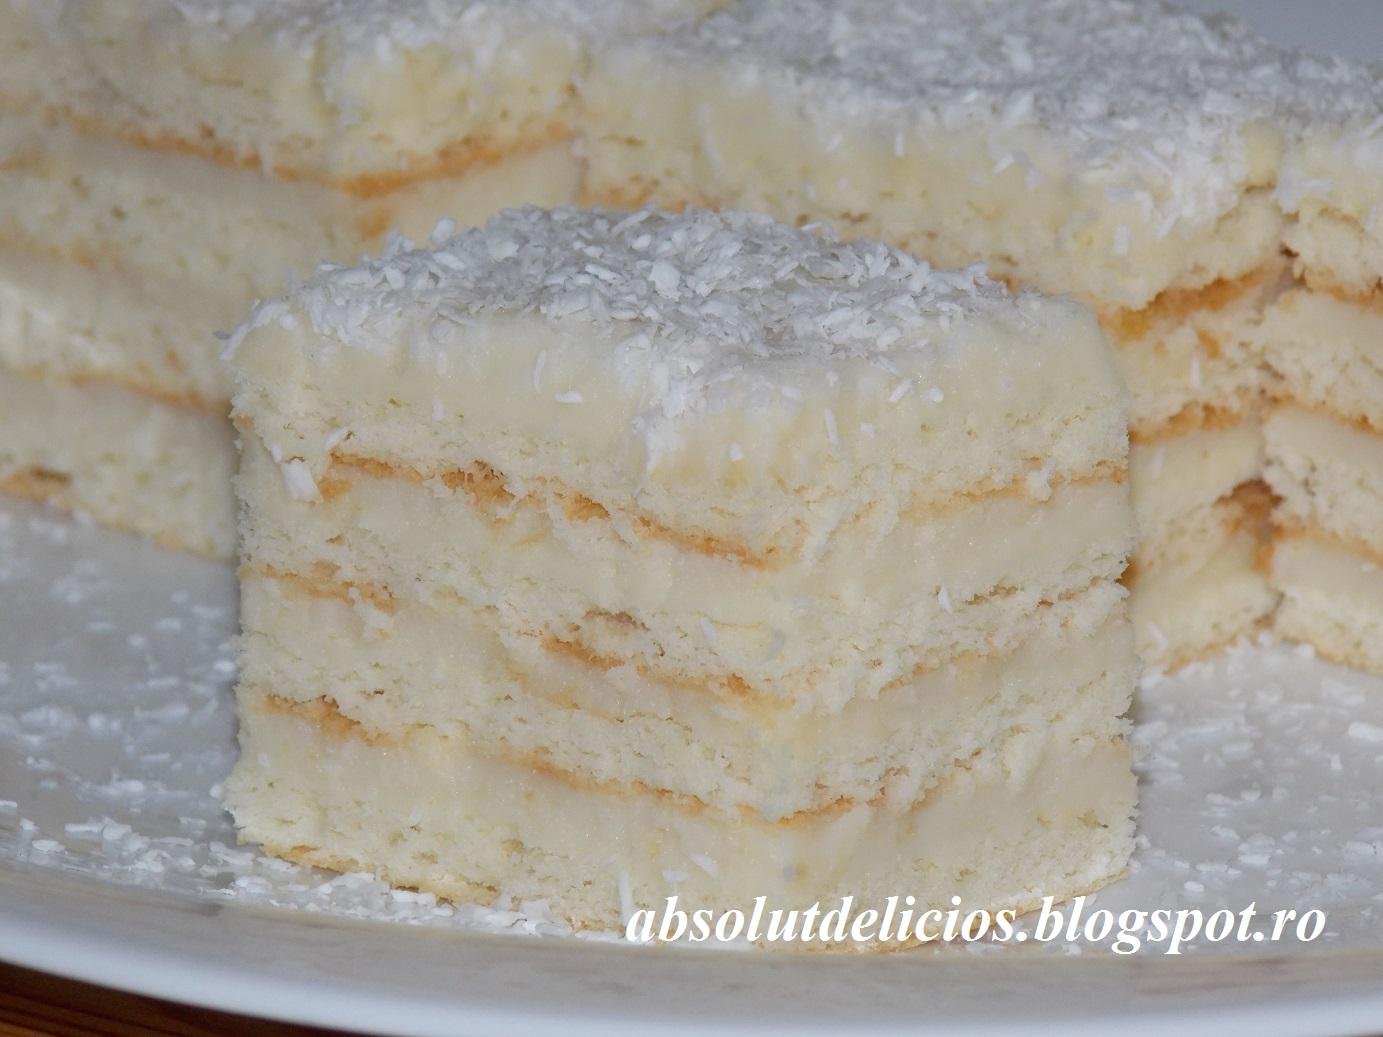 Absolut Delicios Retete Culinare Snow White Cake